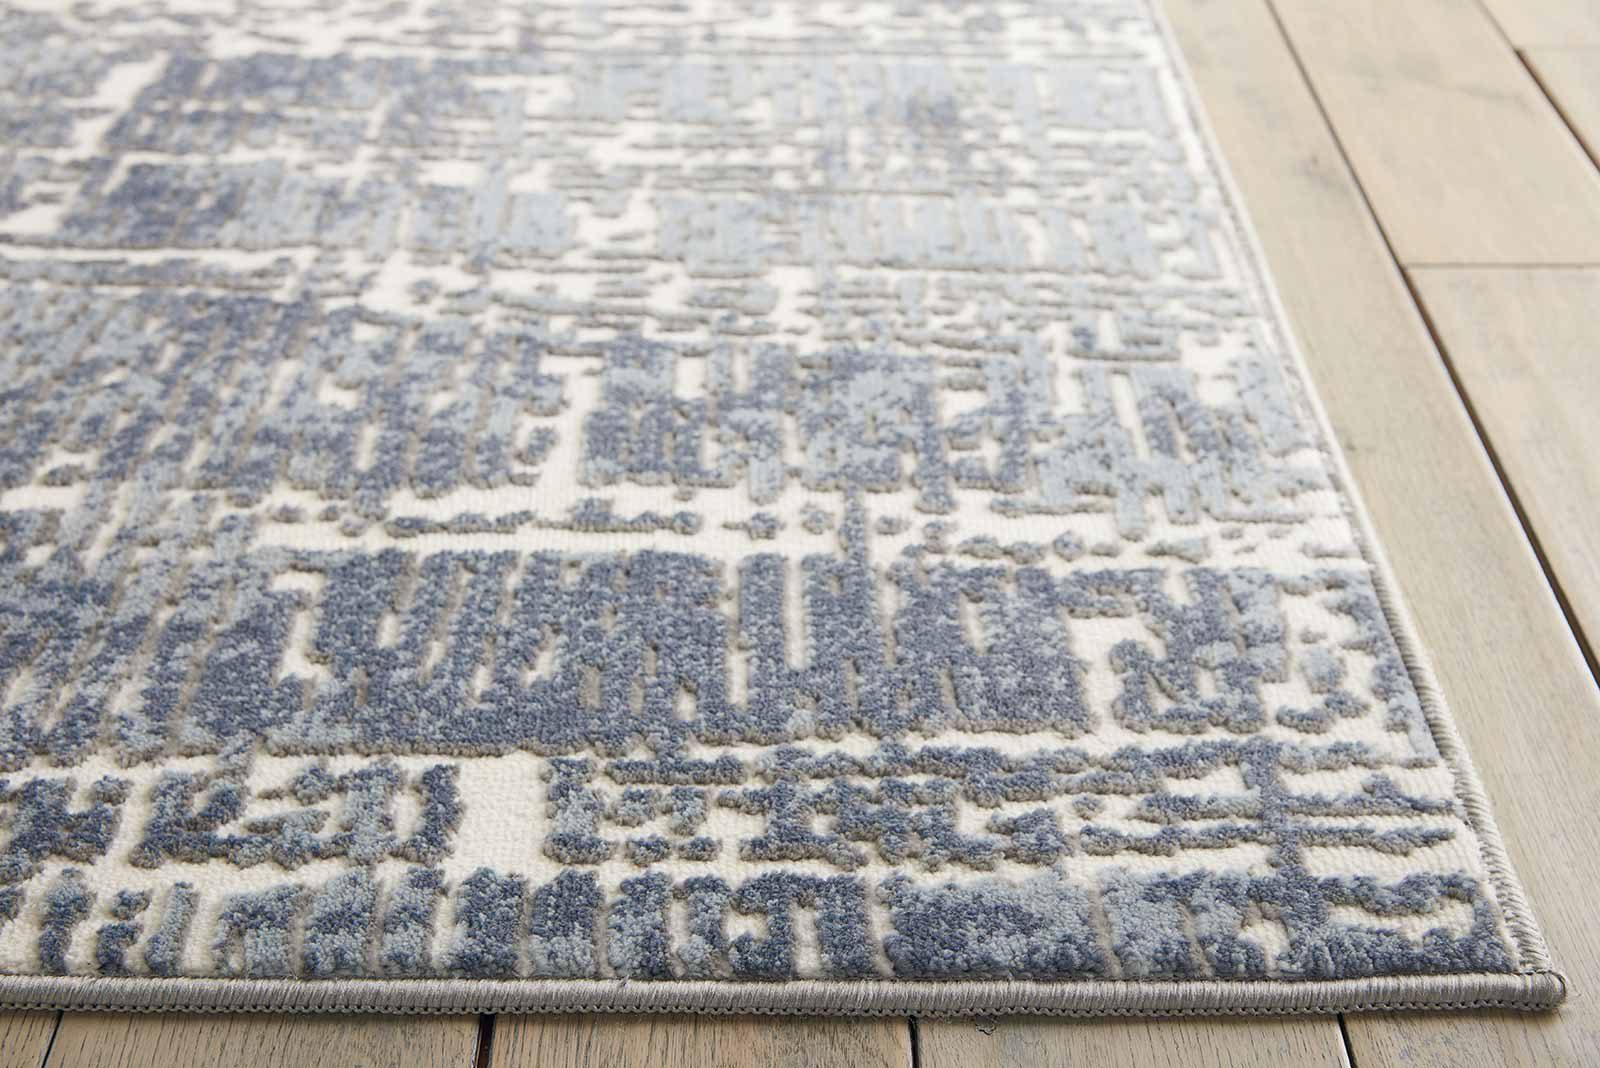 Nourison rug Urban Decor URD01 SLTIV 5x7 099446143563 DT01